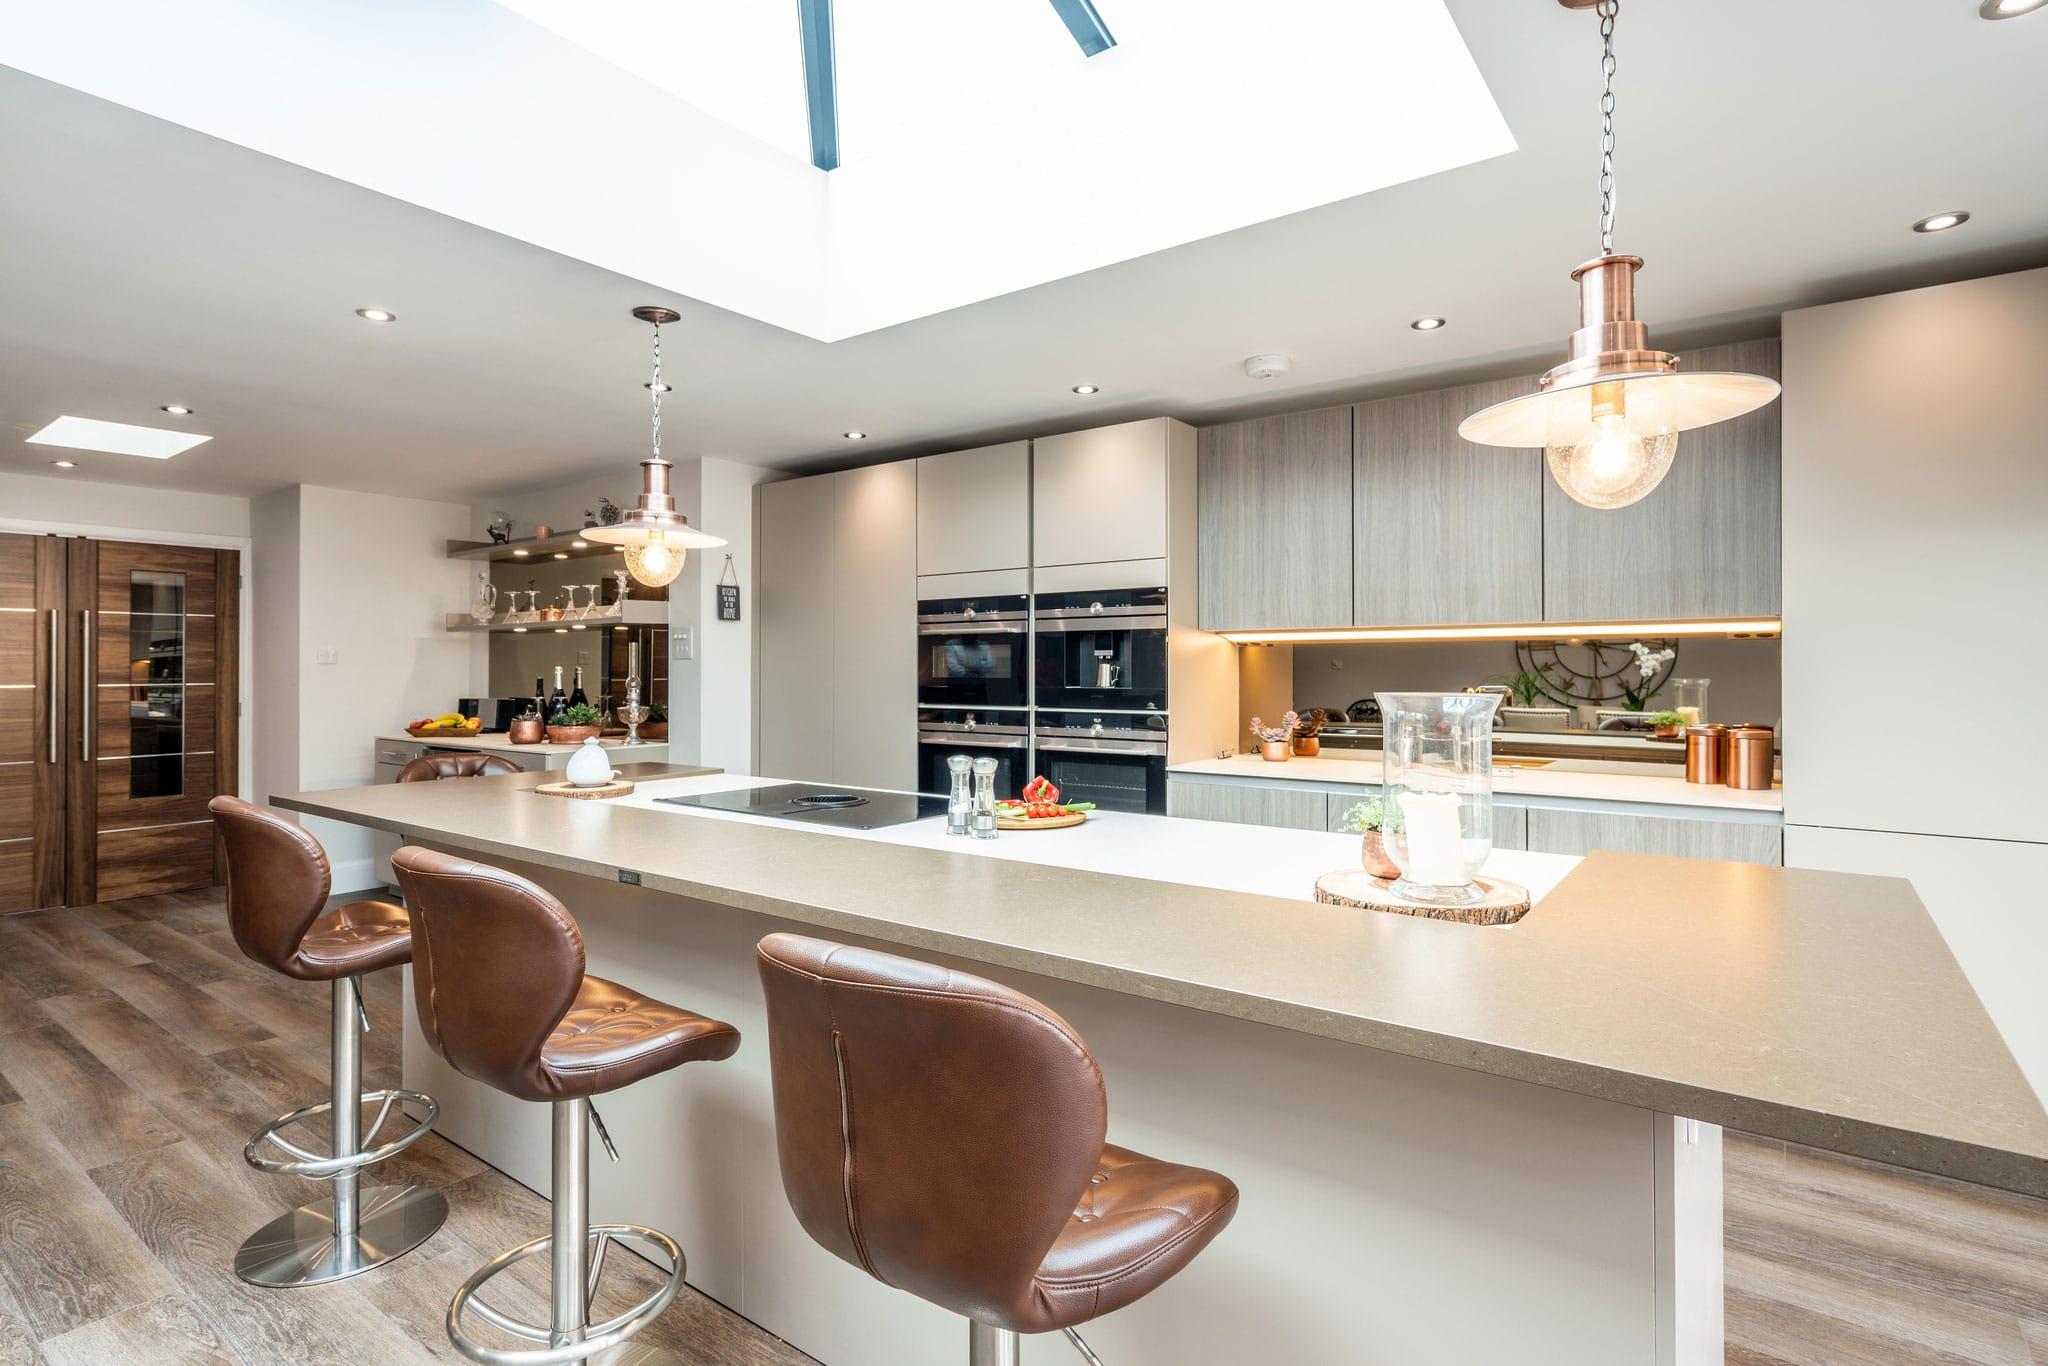 Image of Myers Touch Daniels Kitchen 01038 ZF 2442 14358 1 034 in Ein Raum, der für Geselligkeit bestimmt ist - Cosentino